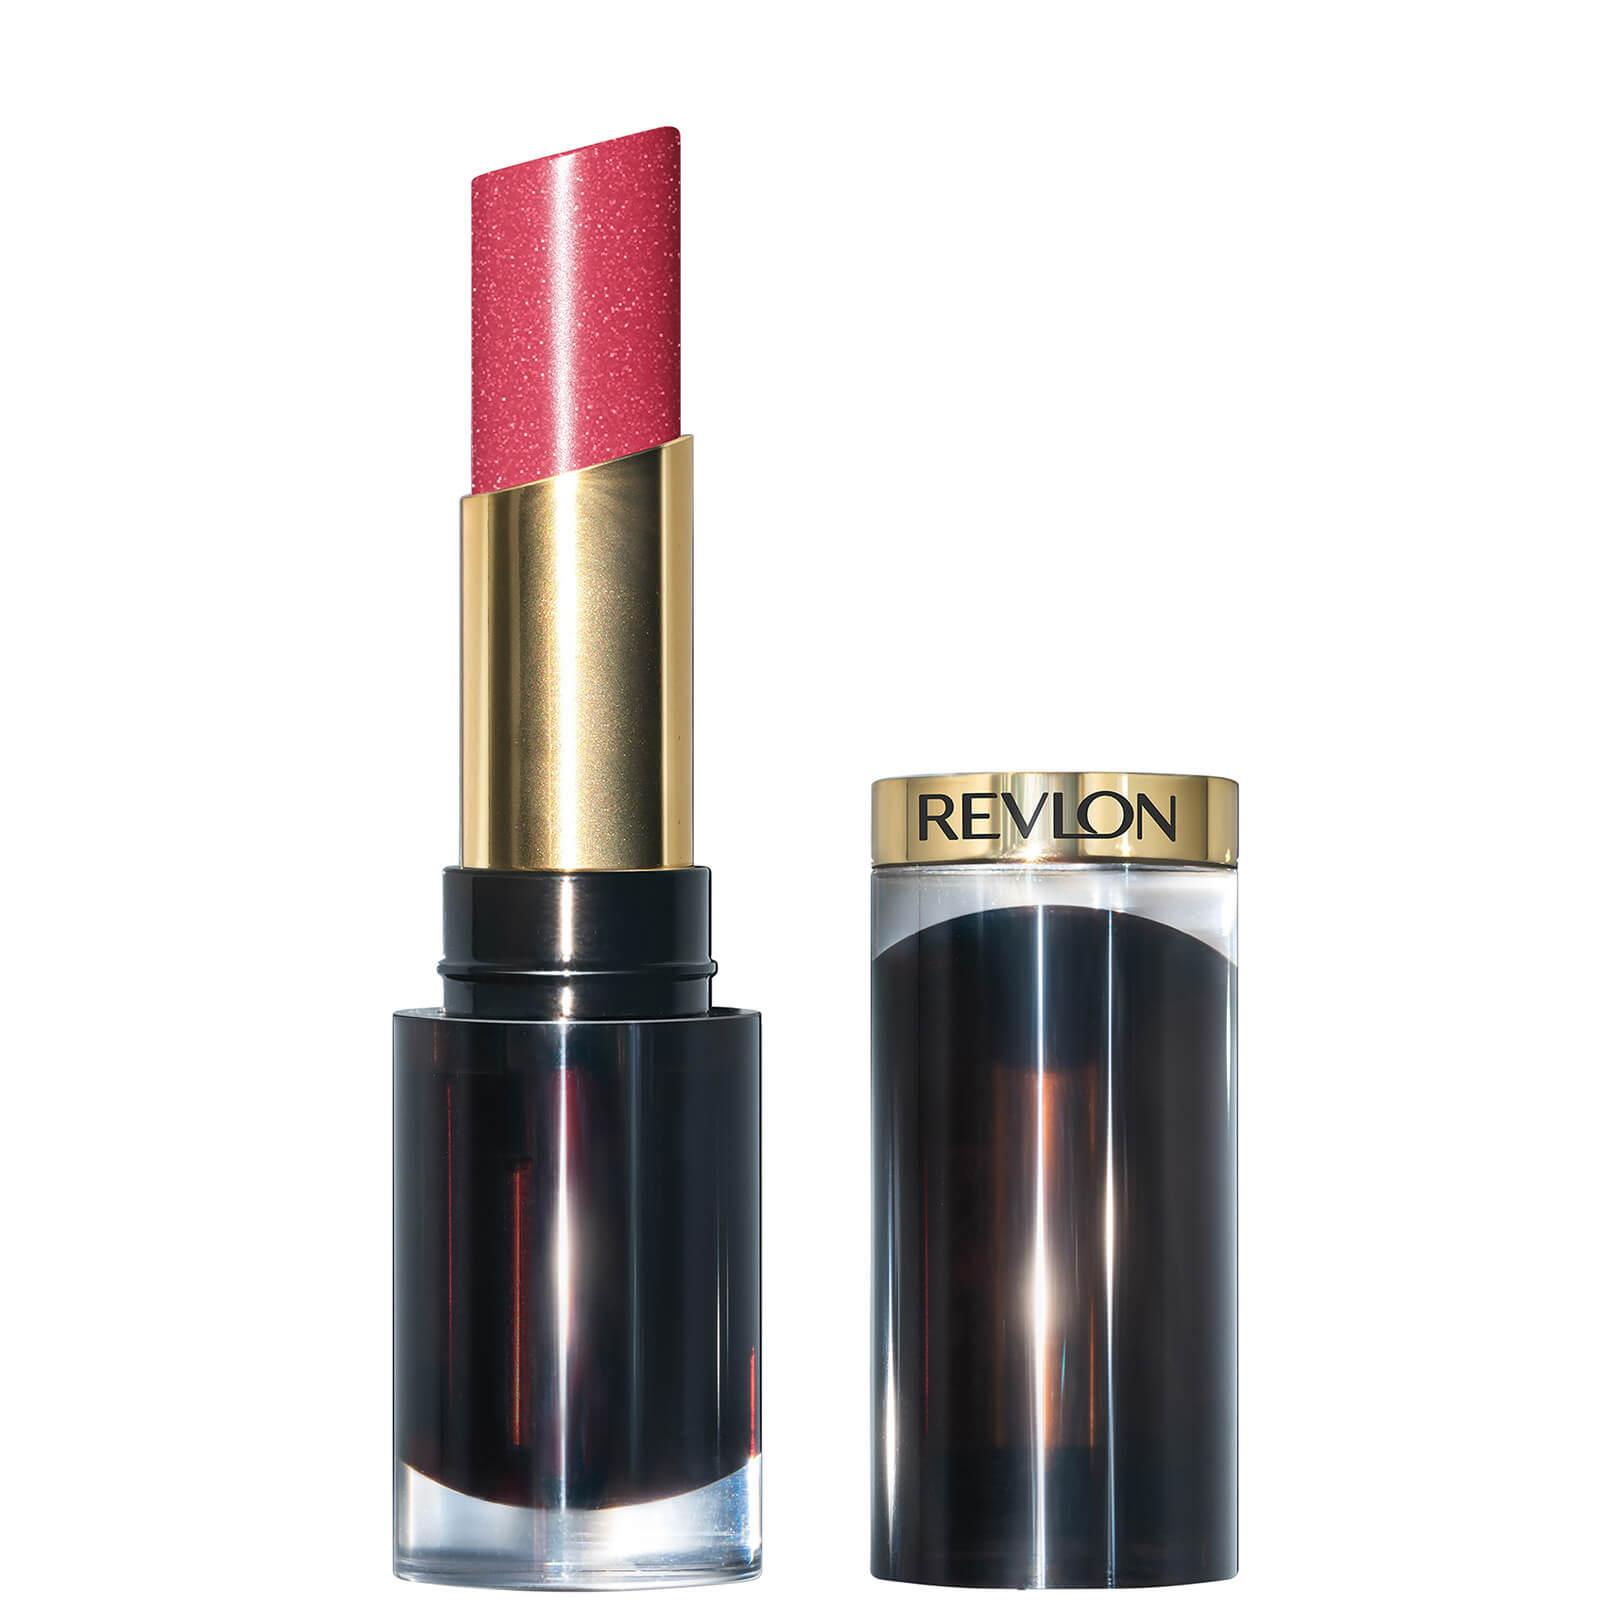 Revlon Super Lustrous Glass Shine 4.2ml (Various Shades) - Dazzle Me Pink